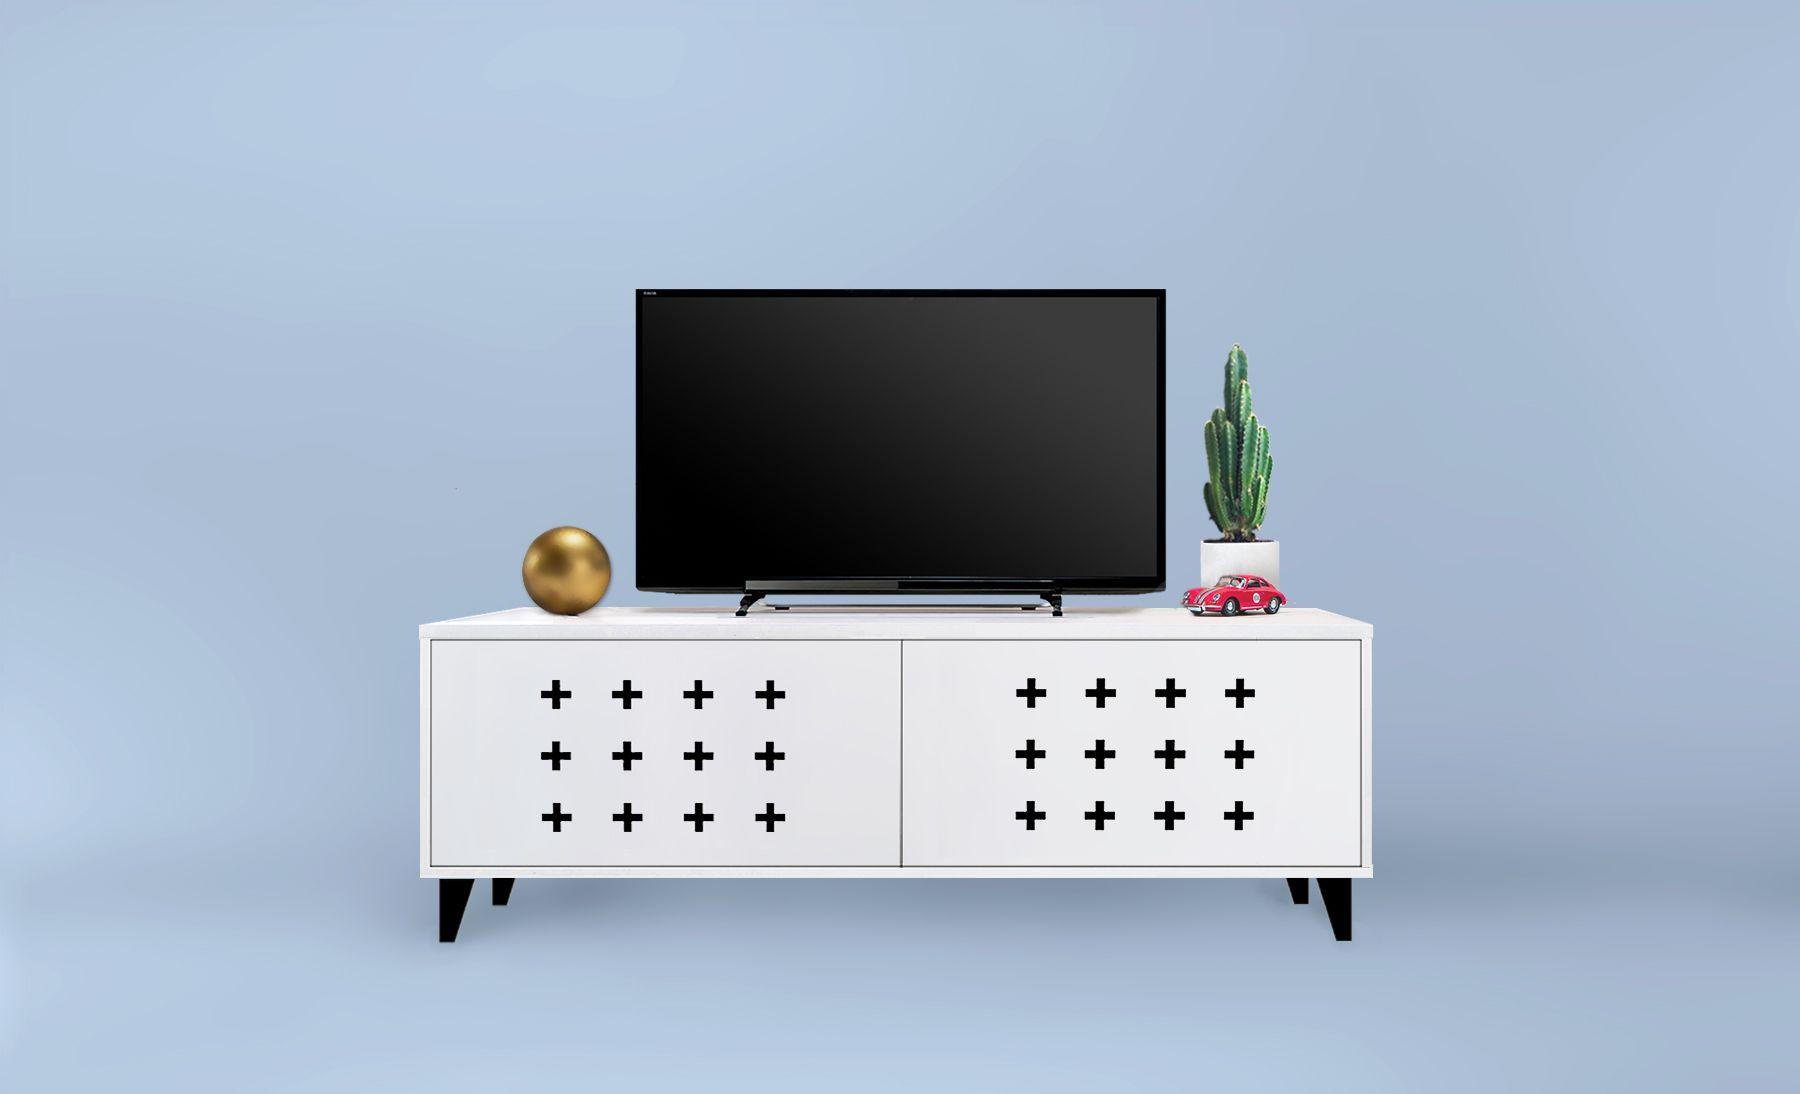 Lowboard 140 Cm X Mark Pattern Tv Sideboard Patterned Furniture Sideboard Media Cabinet